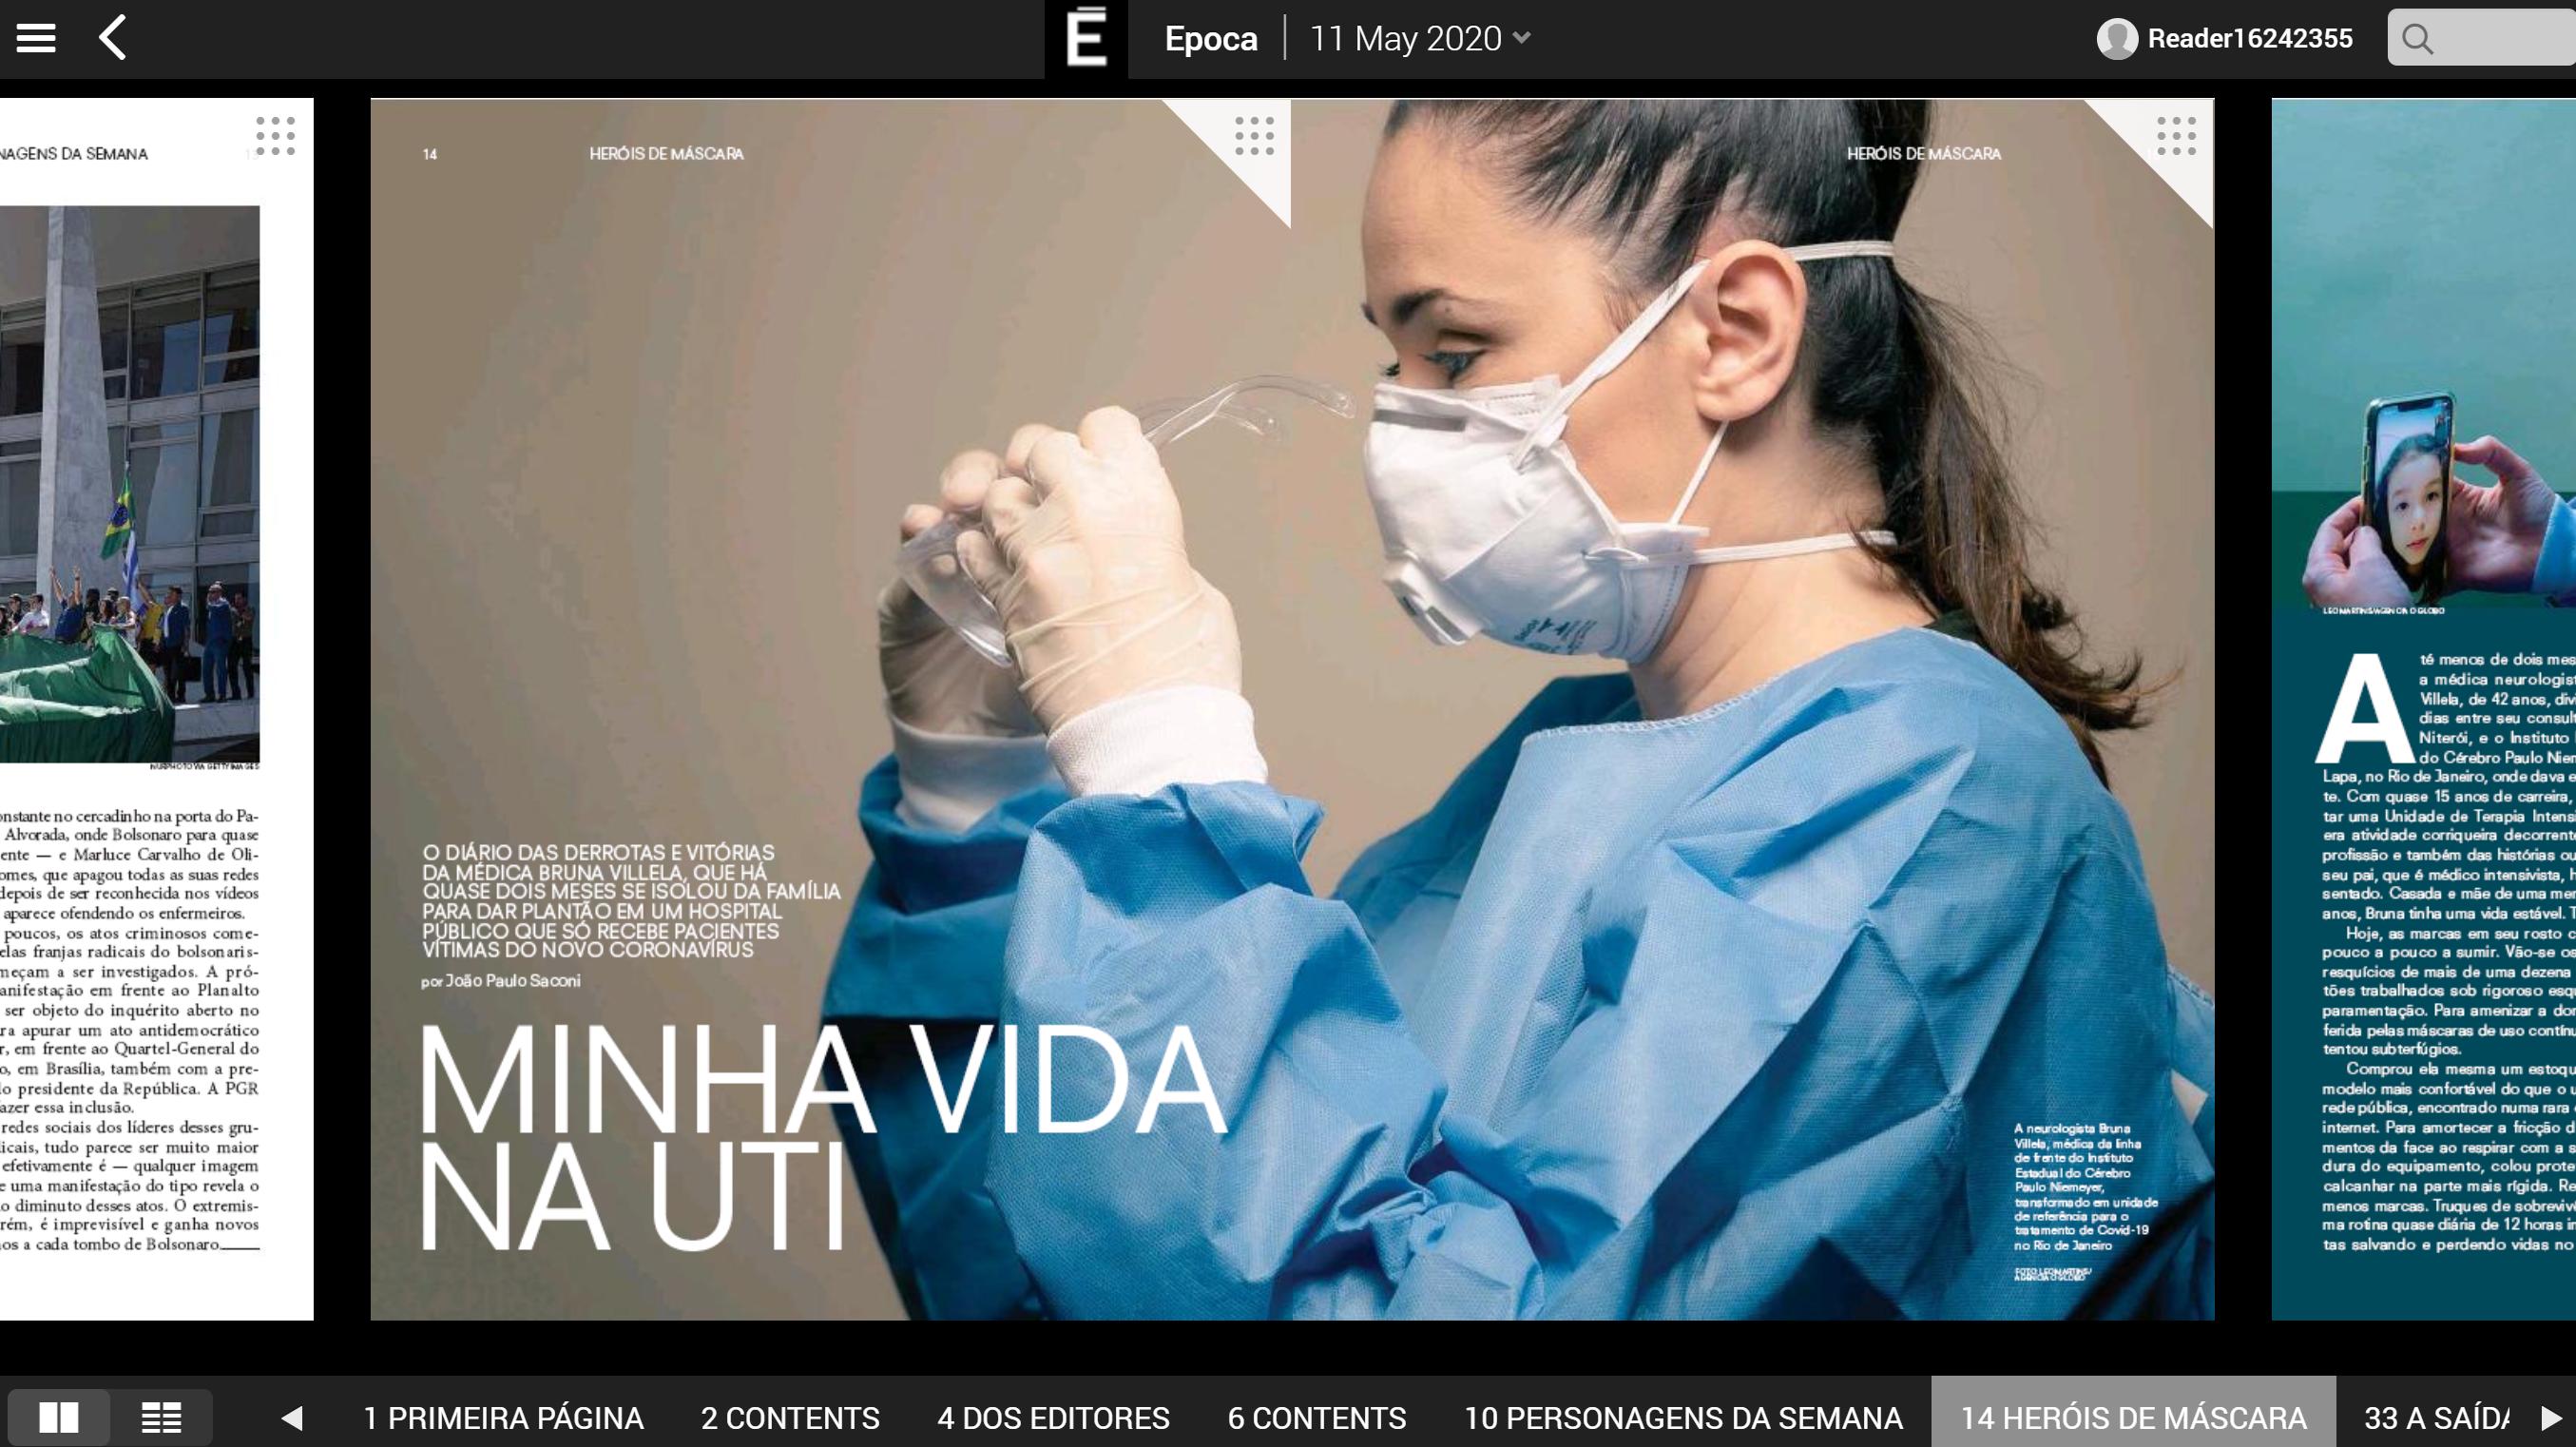 Editora Globo - Epoca - Digital Replica